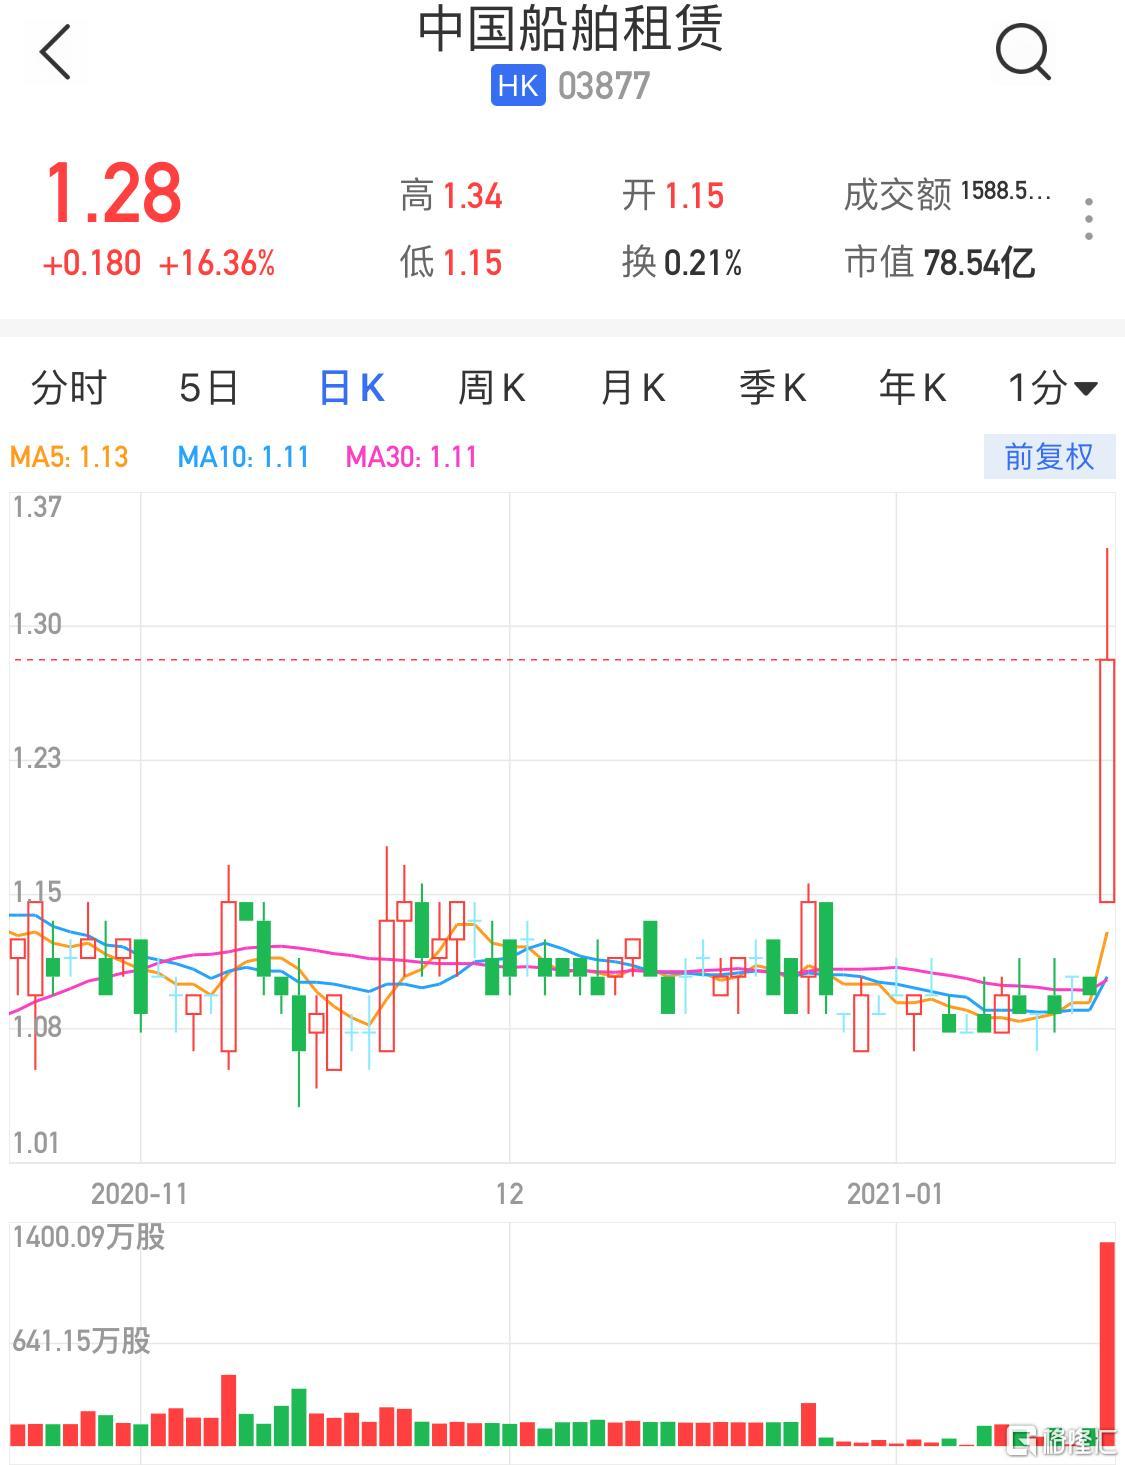 港股异动 | 中国船舶租赁(3877.HK)升超16%盘中创新高 年度纯利预增约26%